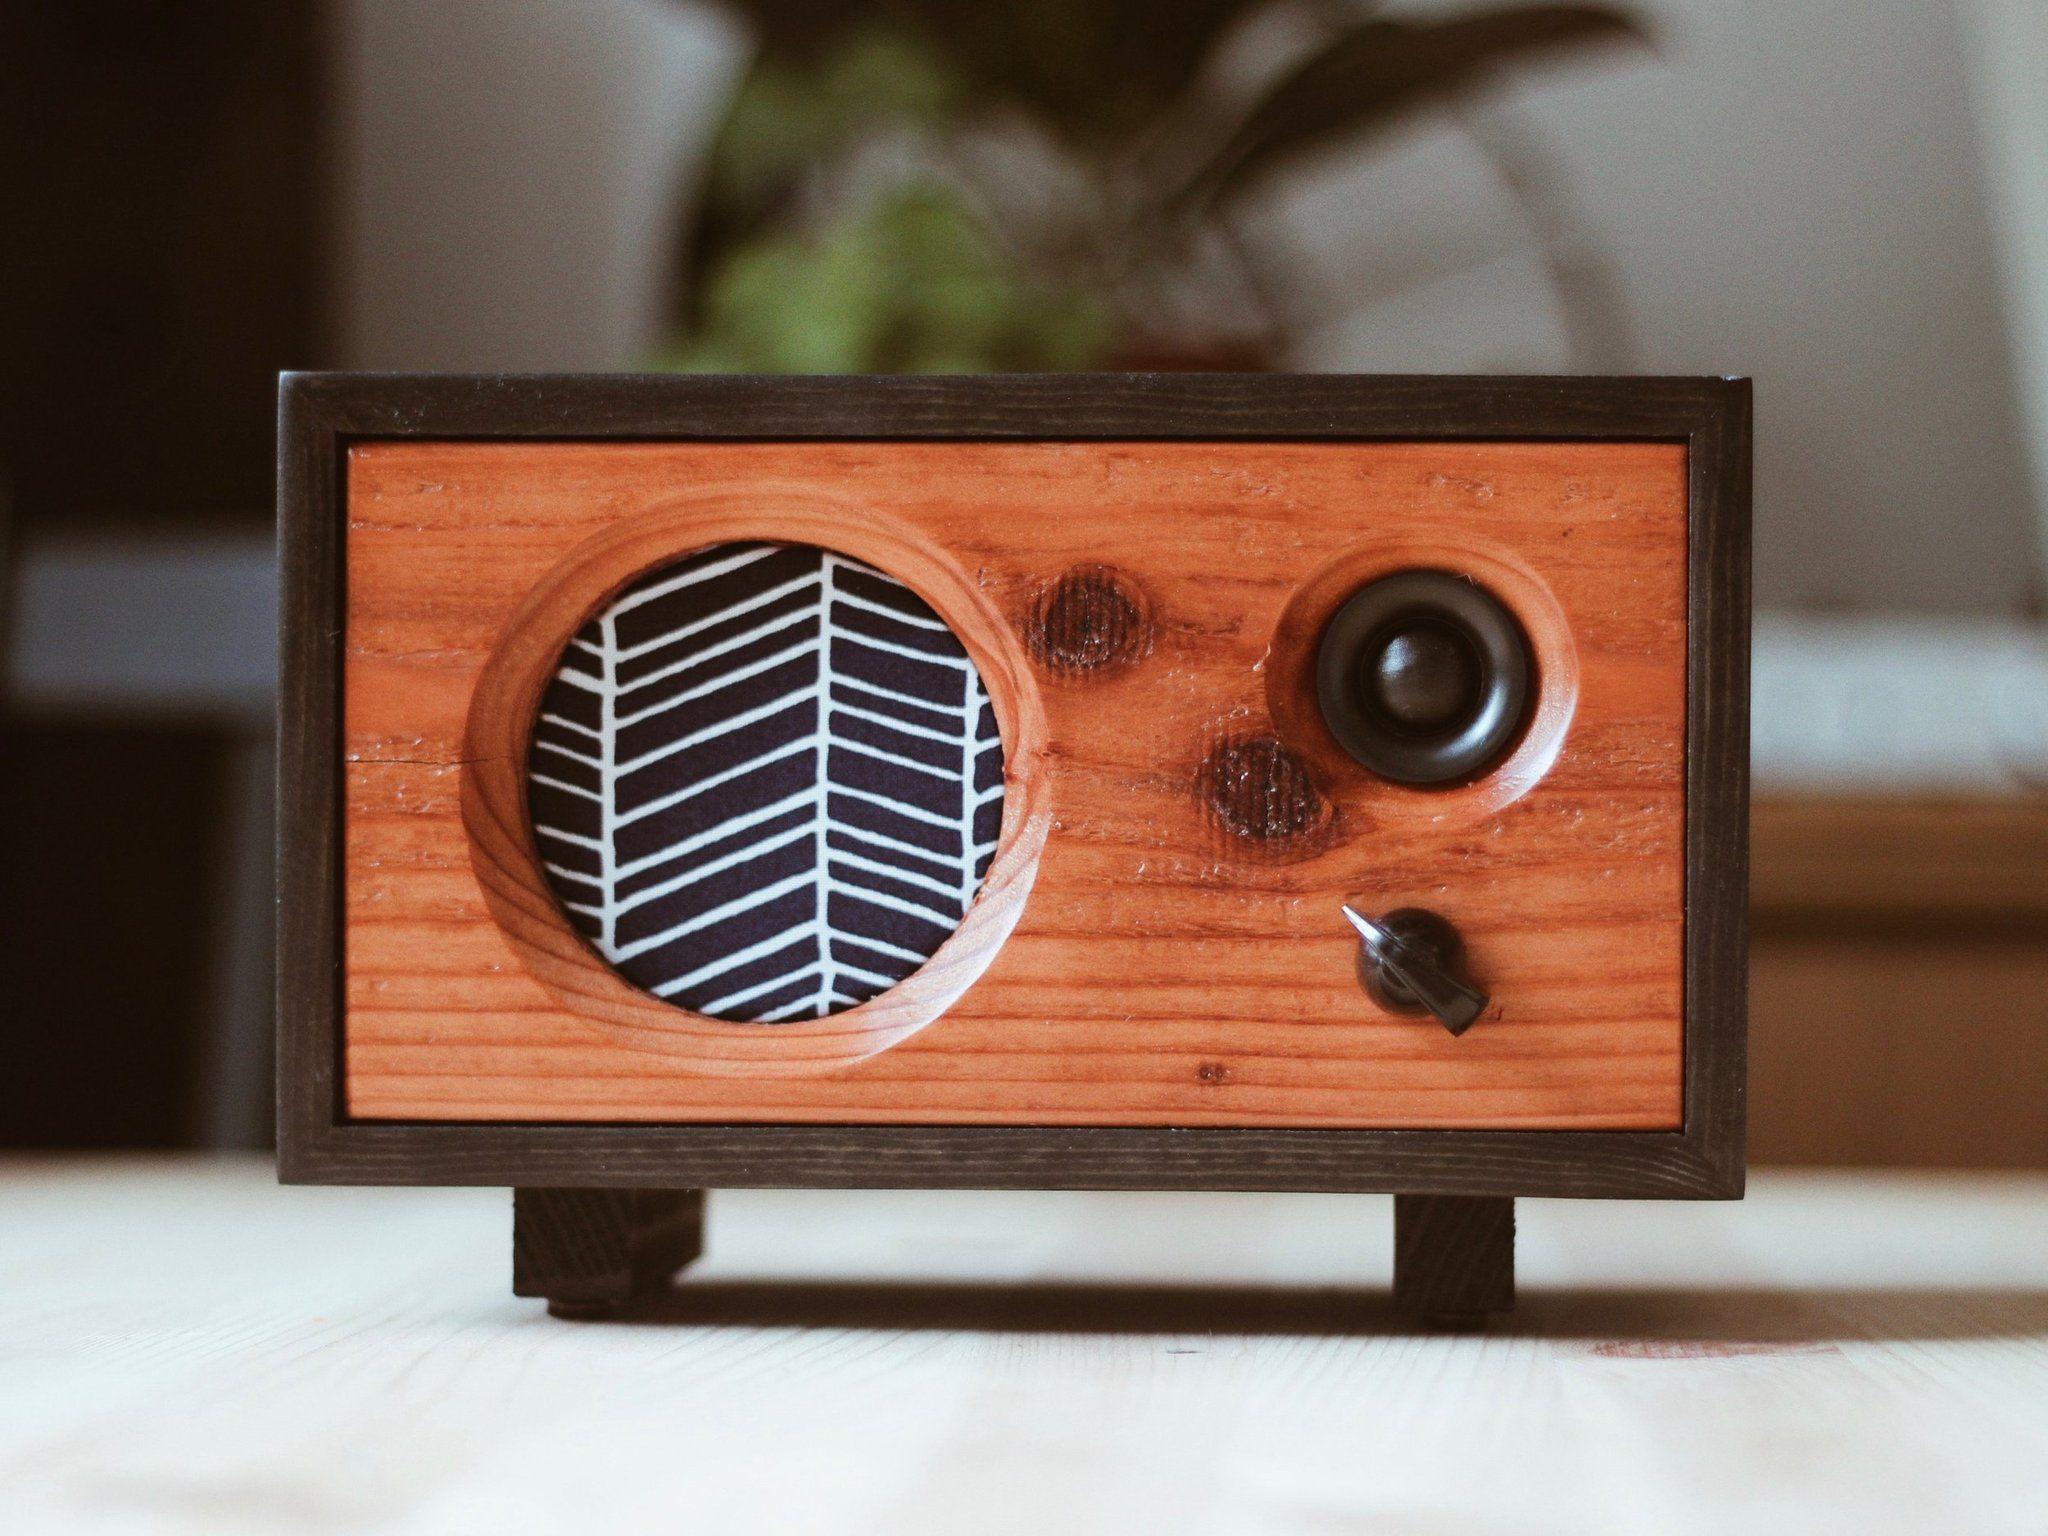 Fawn Bluetooth Speaker | DIY Build Plans in 2019 | Speakers | Diy